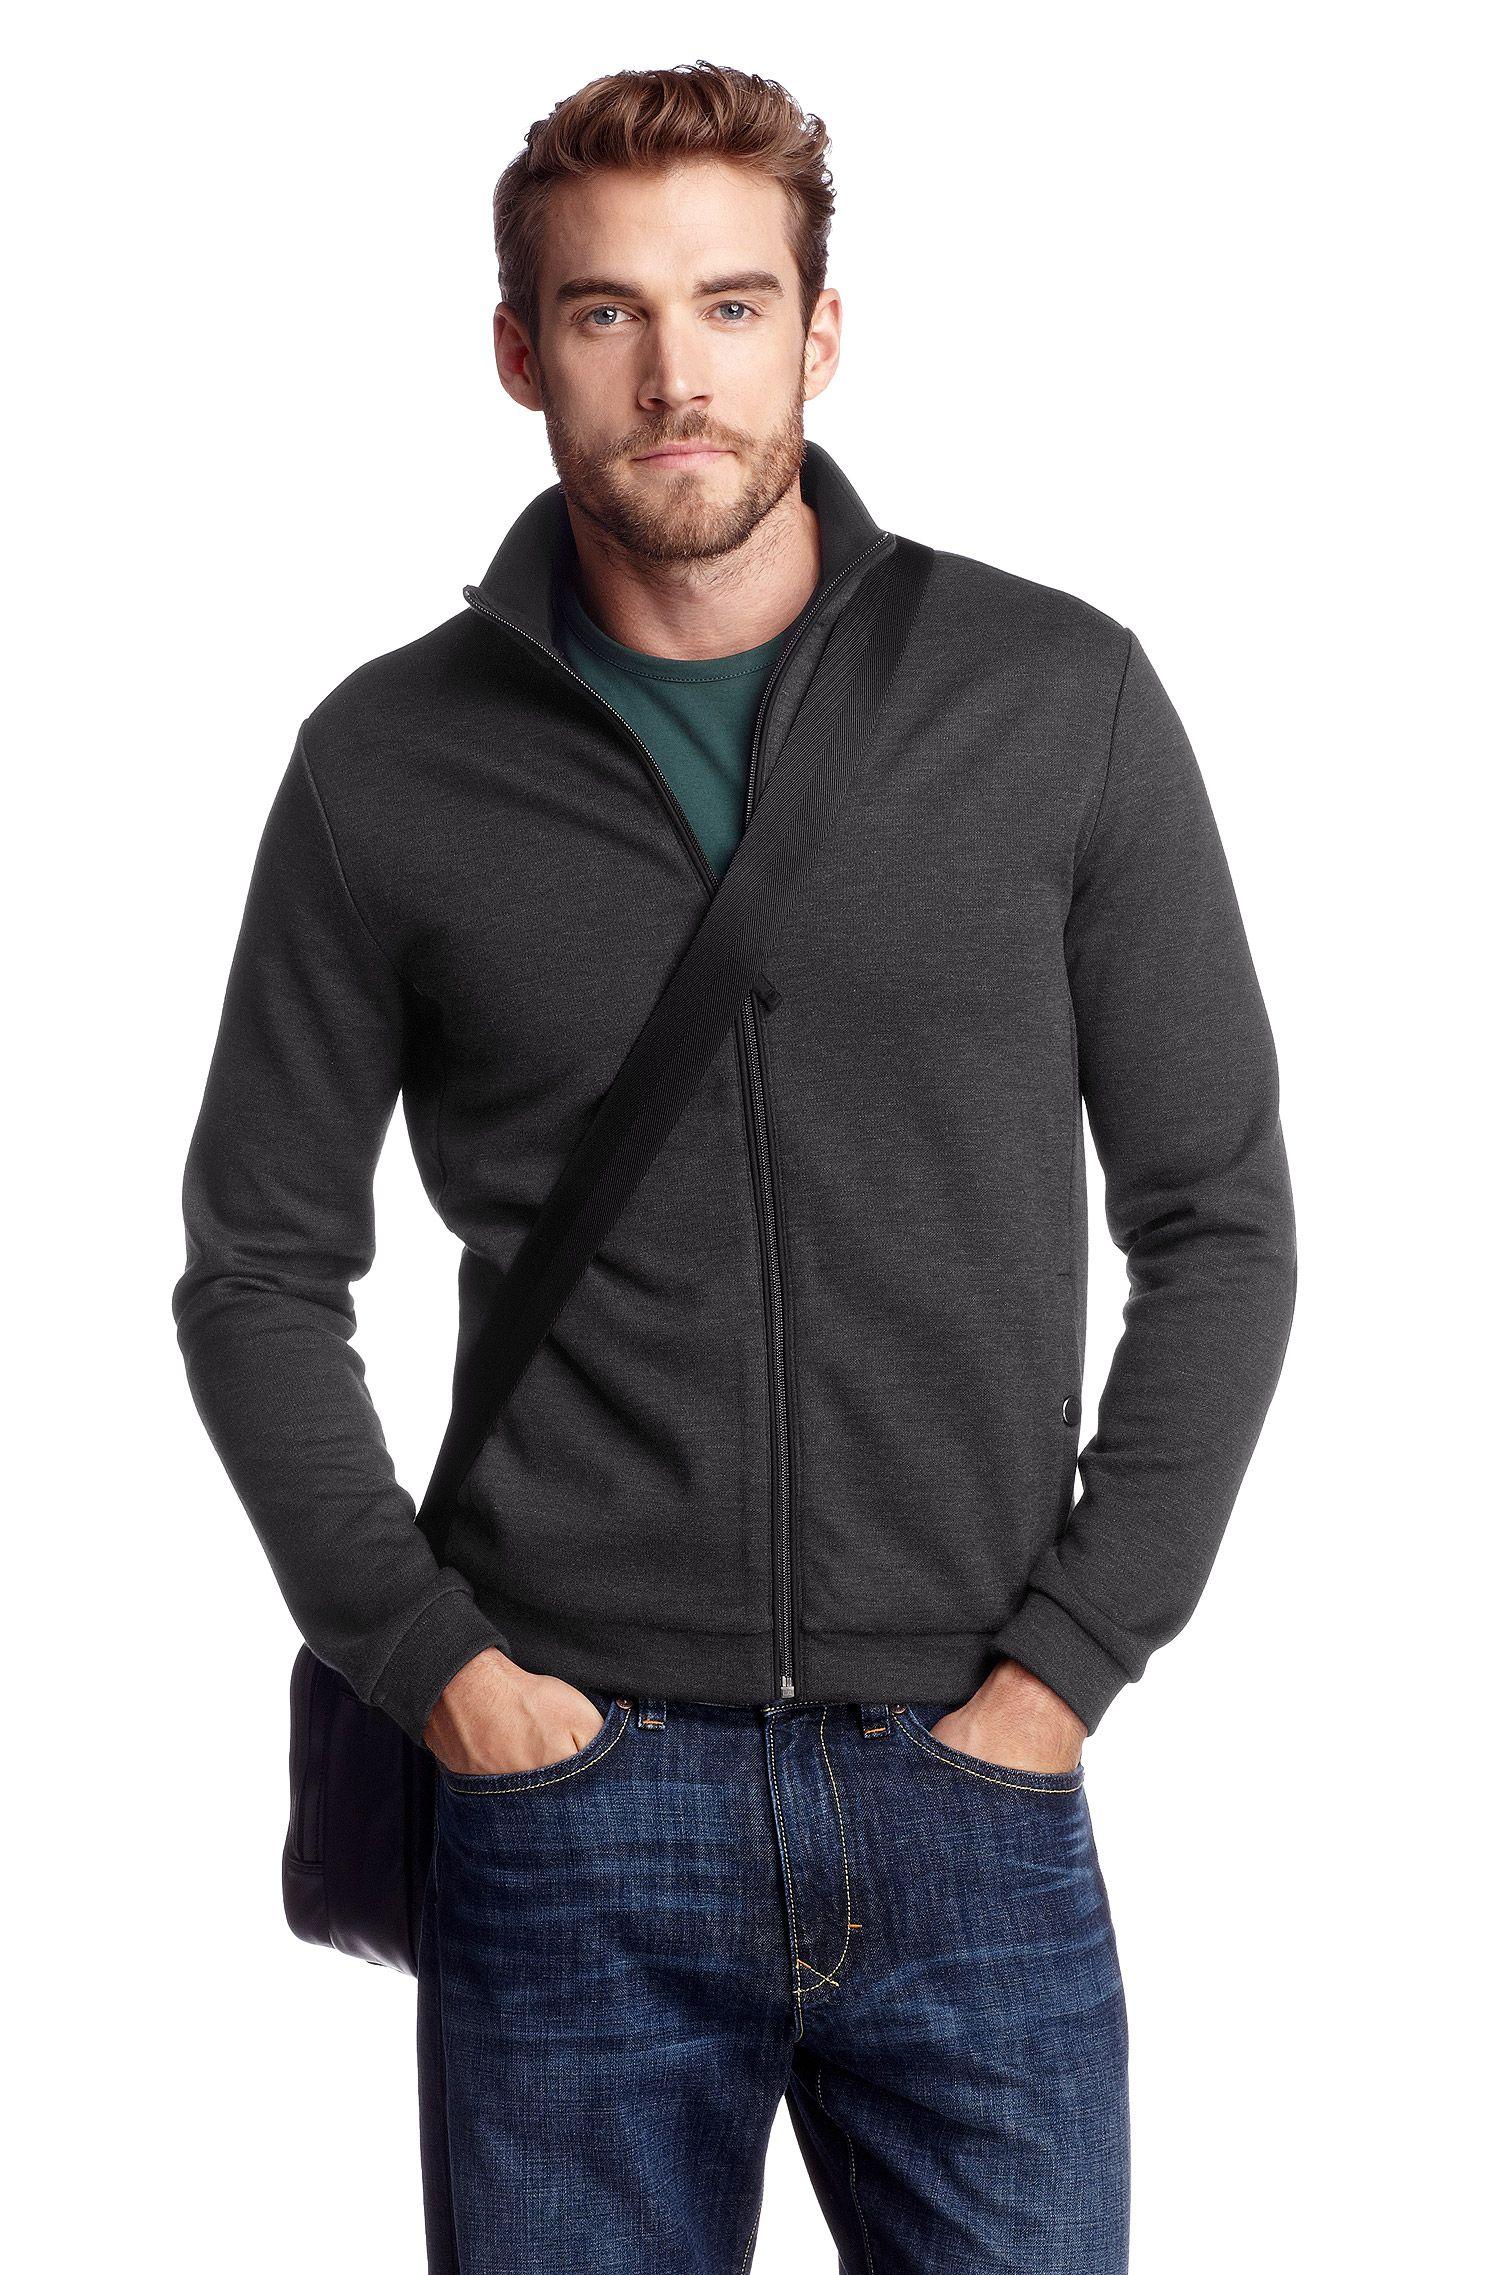 Sweatshirt-Jacke ´Turin 06` mit Stehkragen